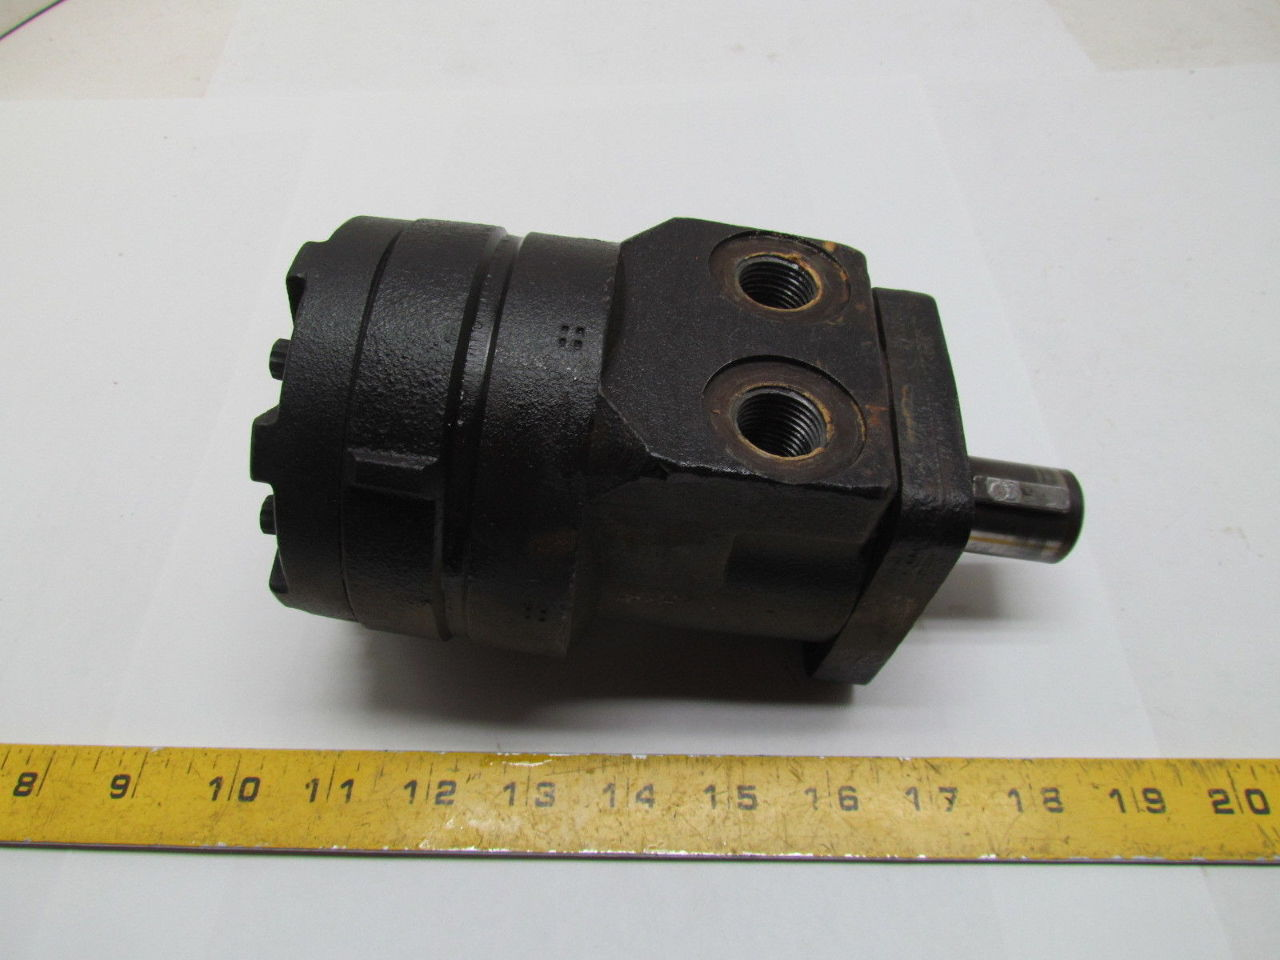 Eaton Char Lynn 103 1404 010 Hydraulic Motor 1 Straight